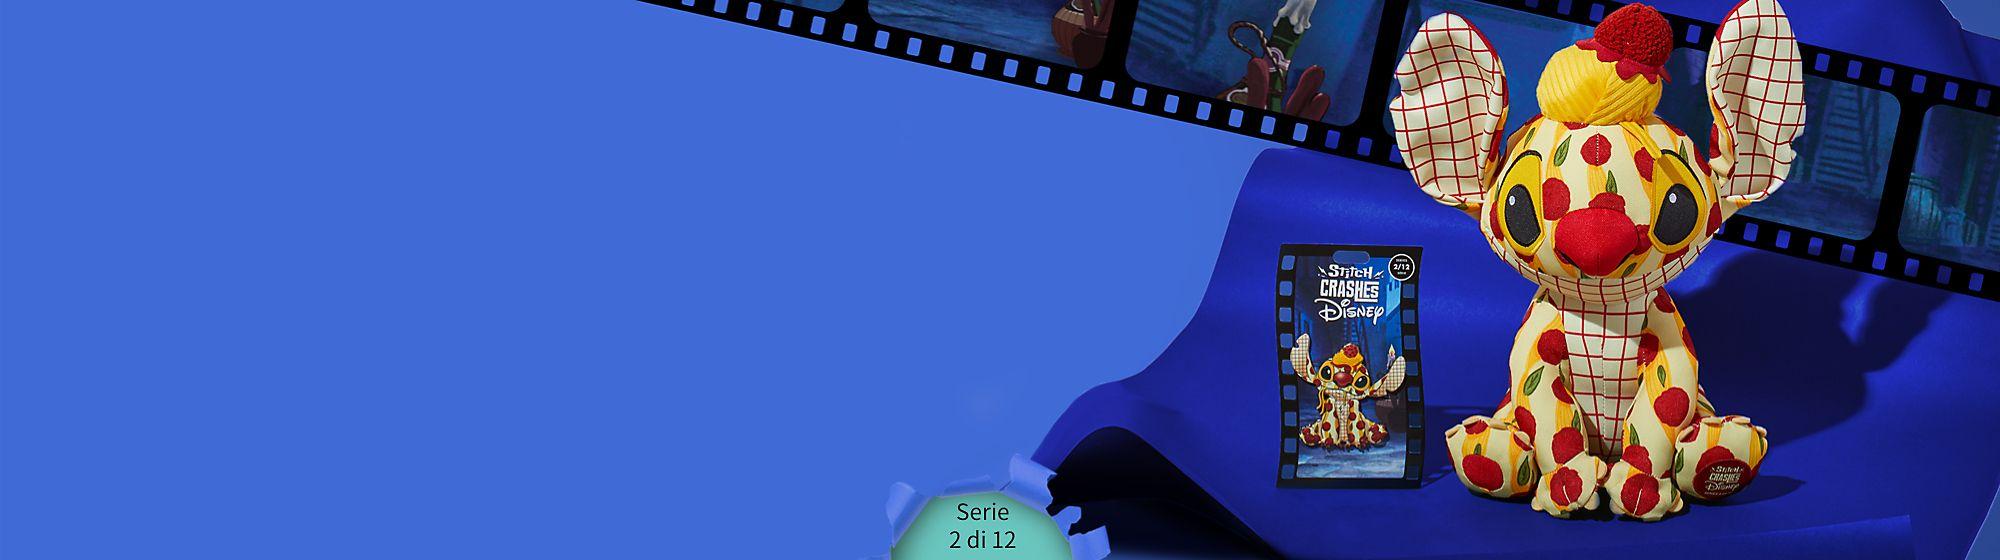 Prossimamente in arrivo Stitch si imbatte in Lilli e il Vagabondo Colleziona questa edizione limitata di pin e peluche, serie 2 di 12